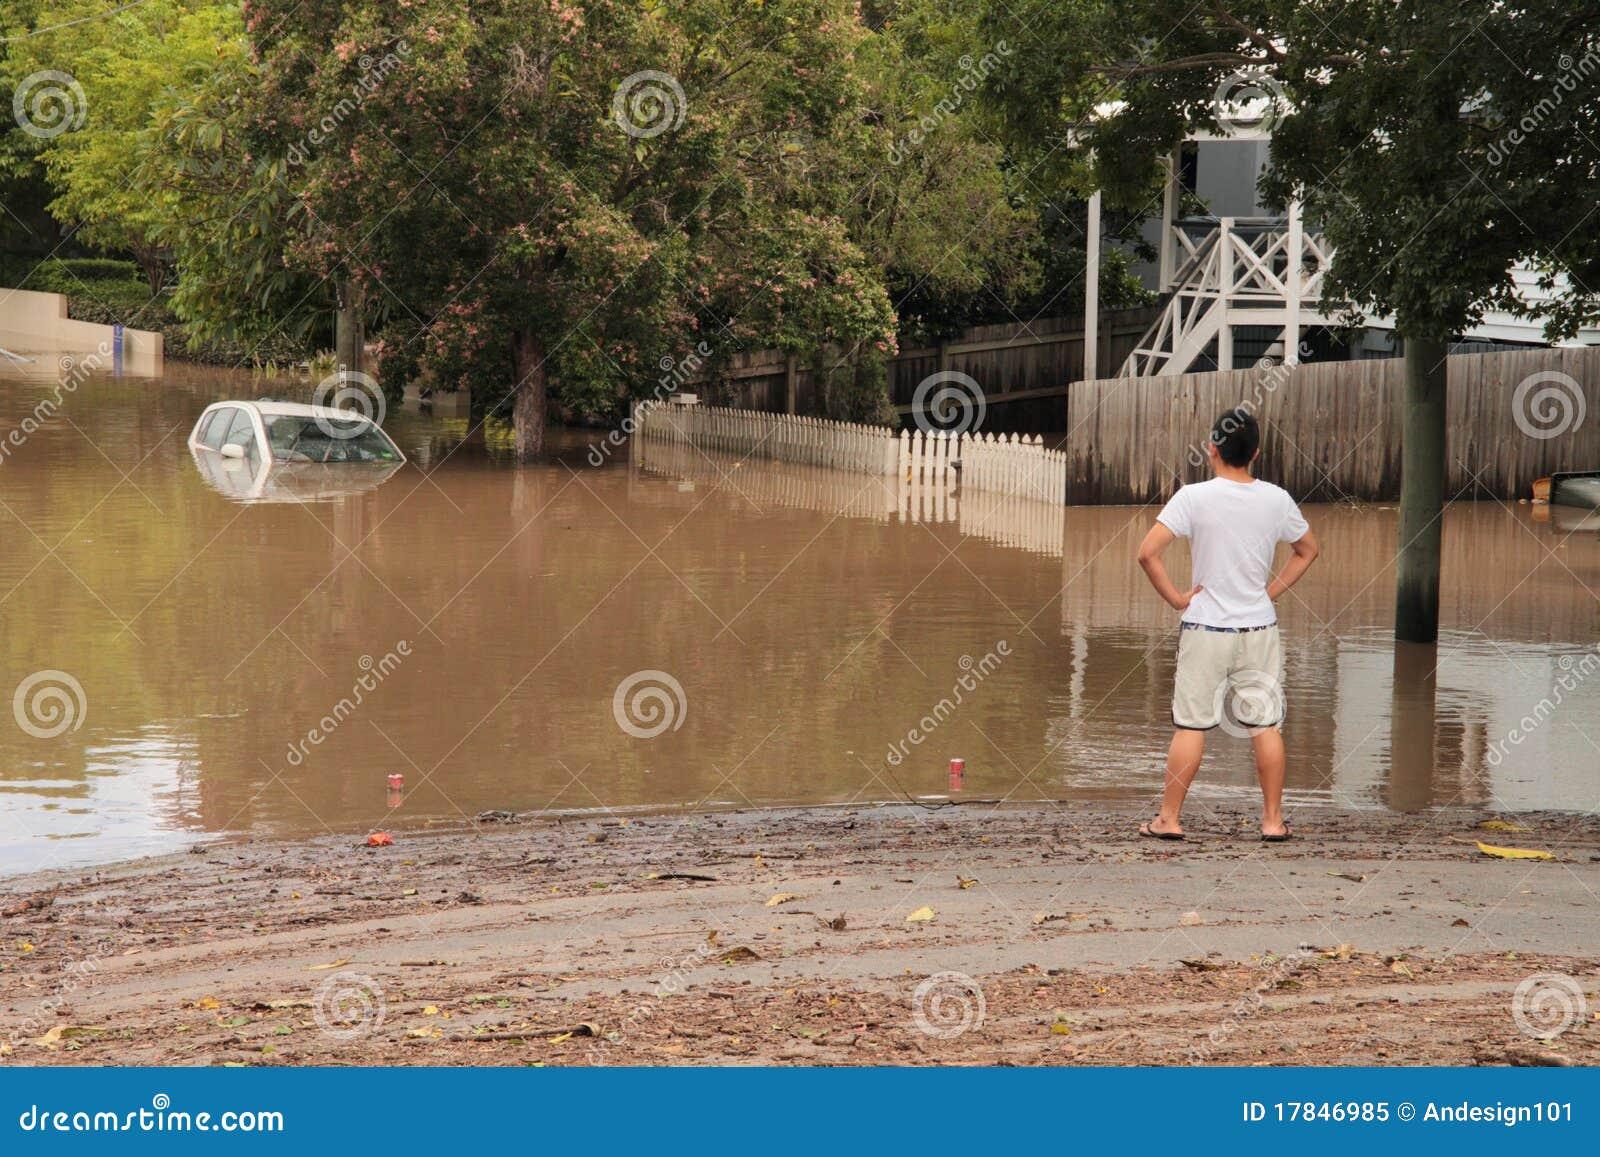 BRISBANE, AUSTRALIË - 13 JANUARI: Vloed